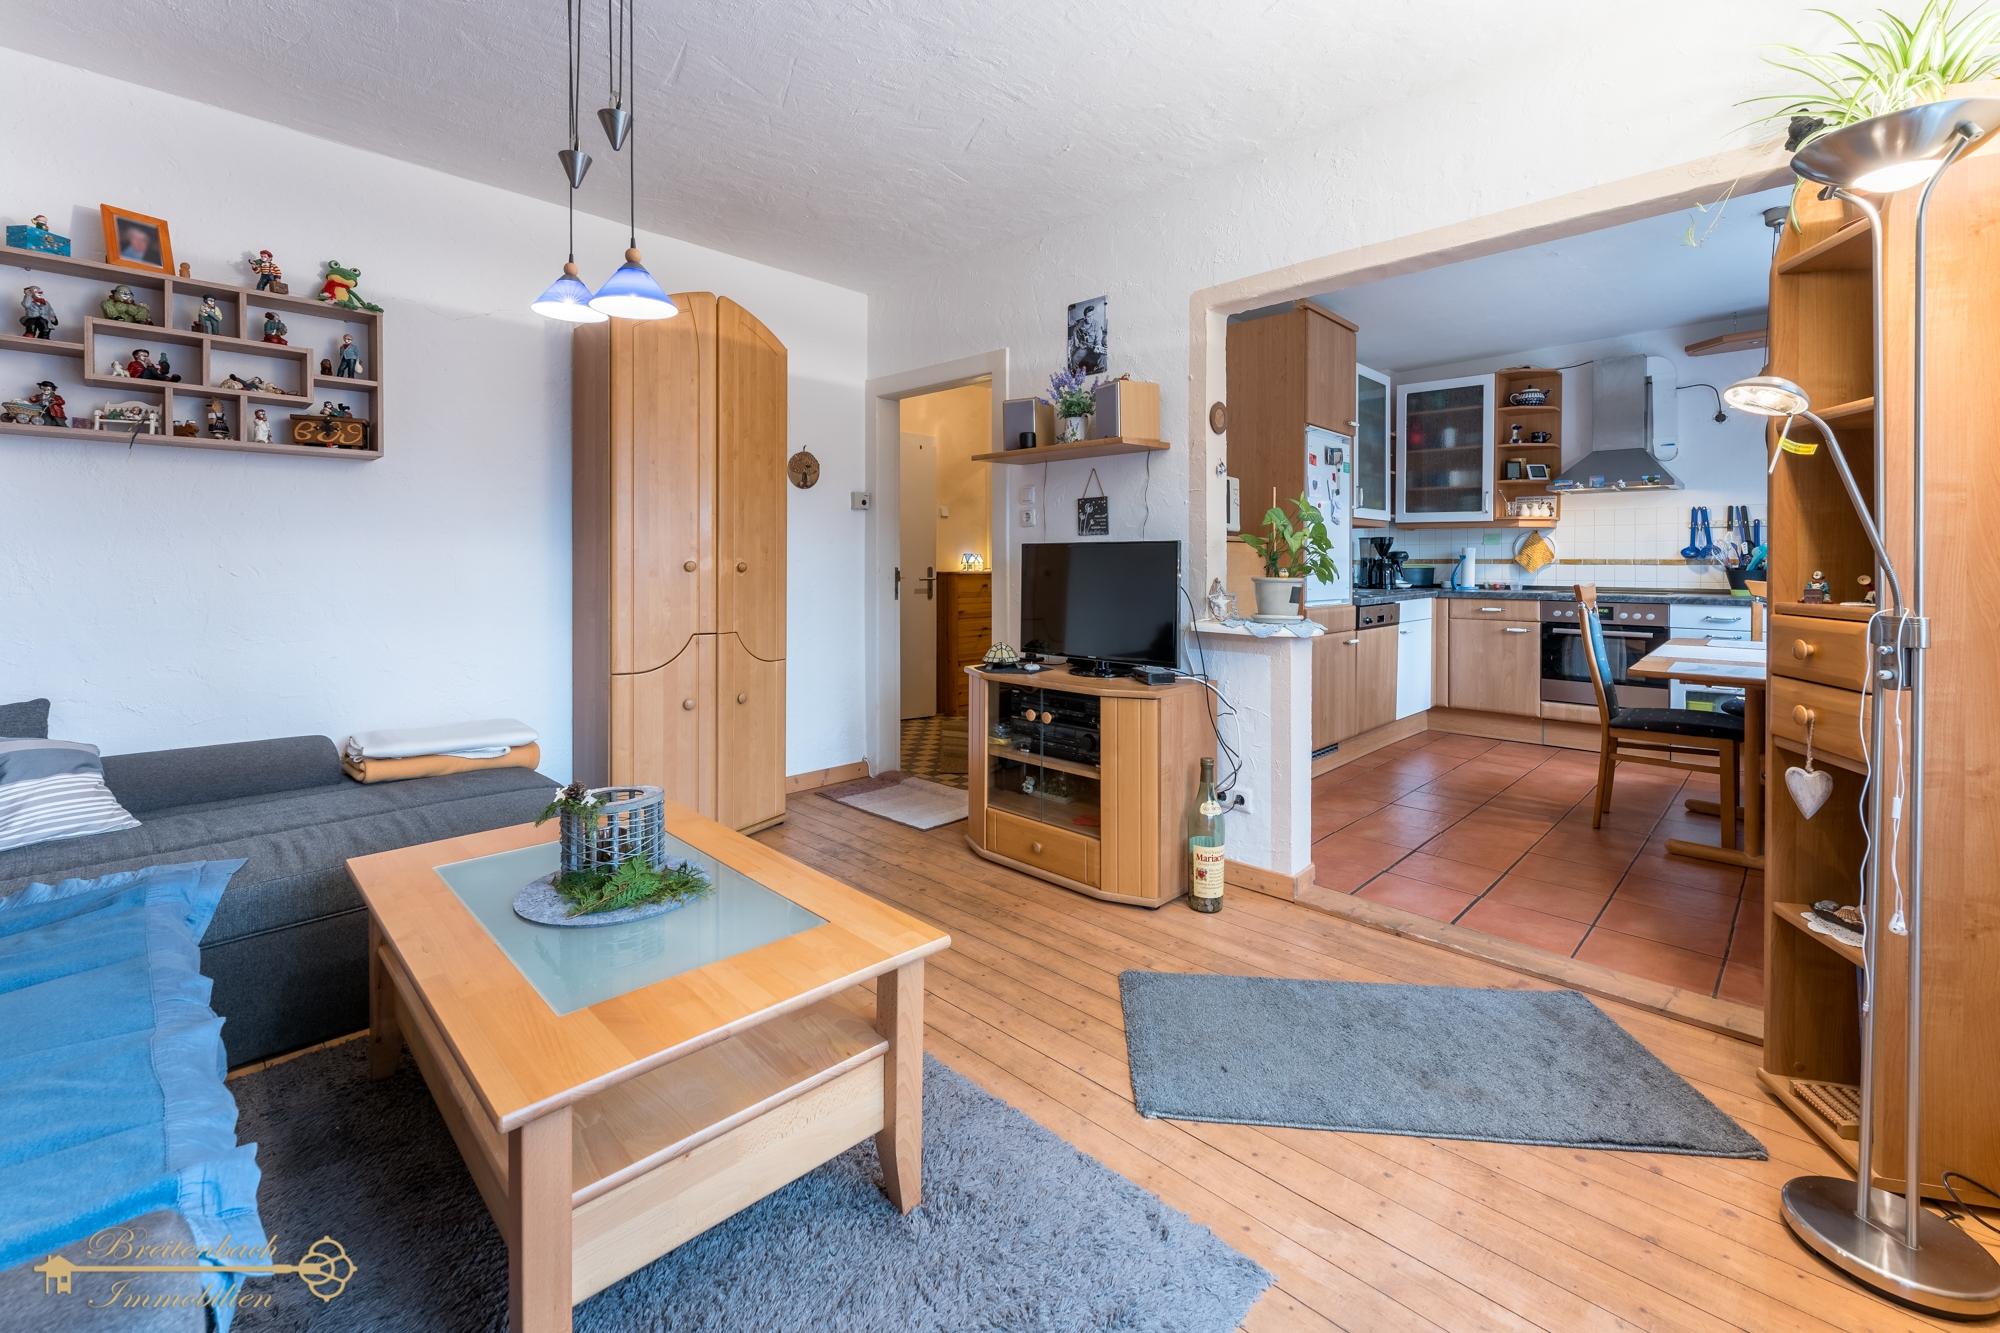 2020-11-29-Breitenbach-Immobilien-10